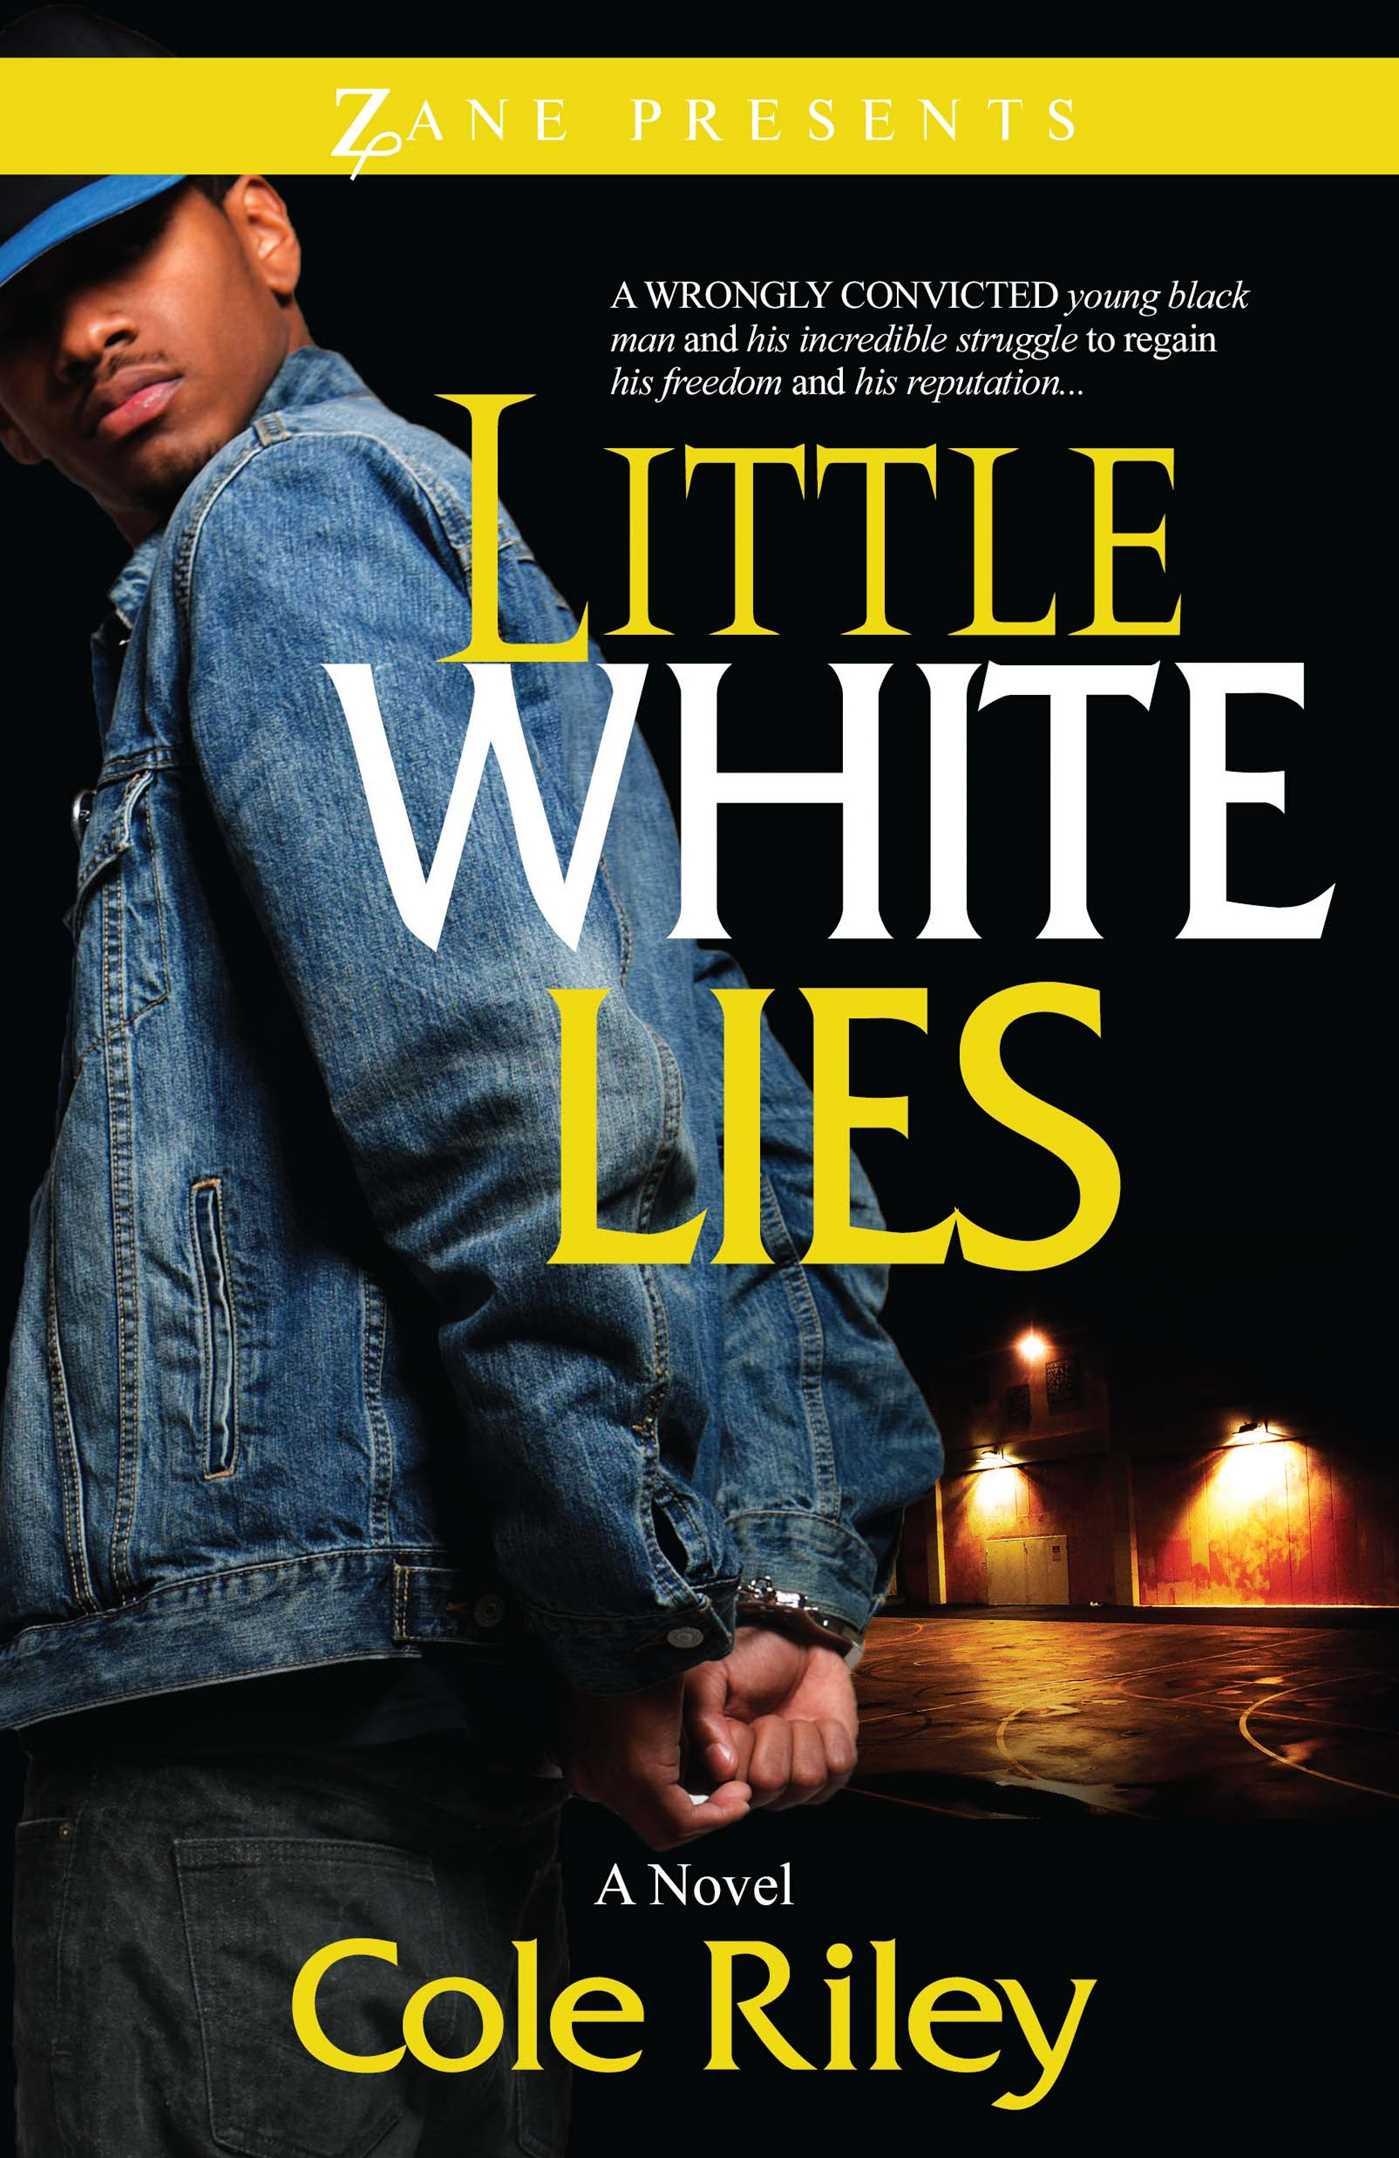 Little white lies 9781593095185 hr